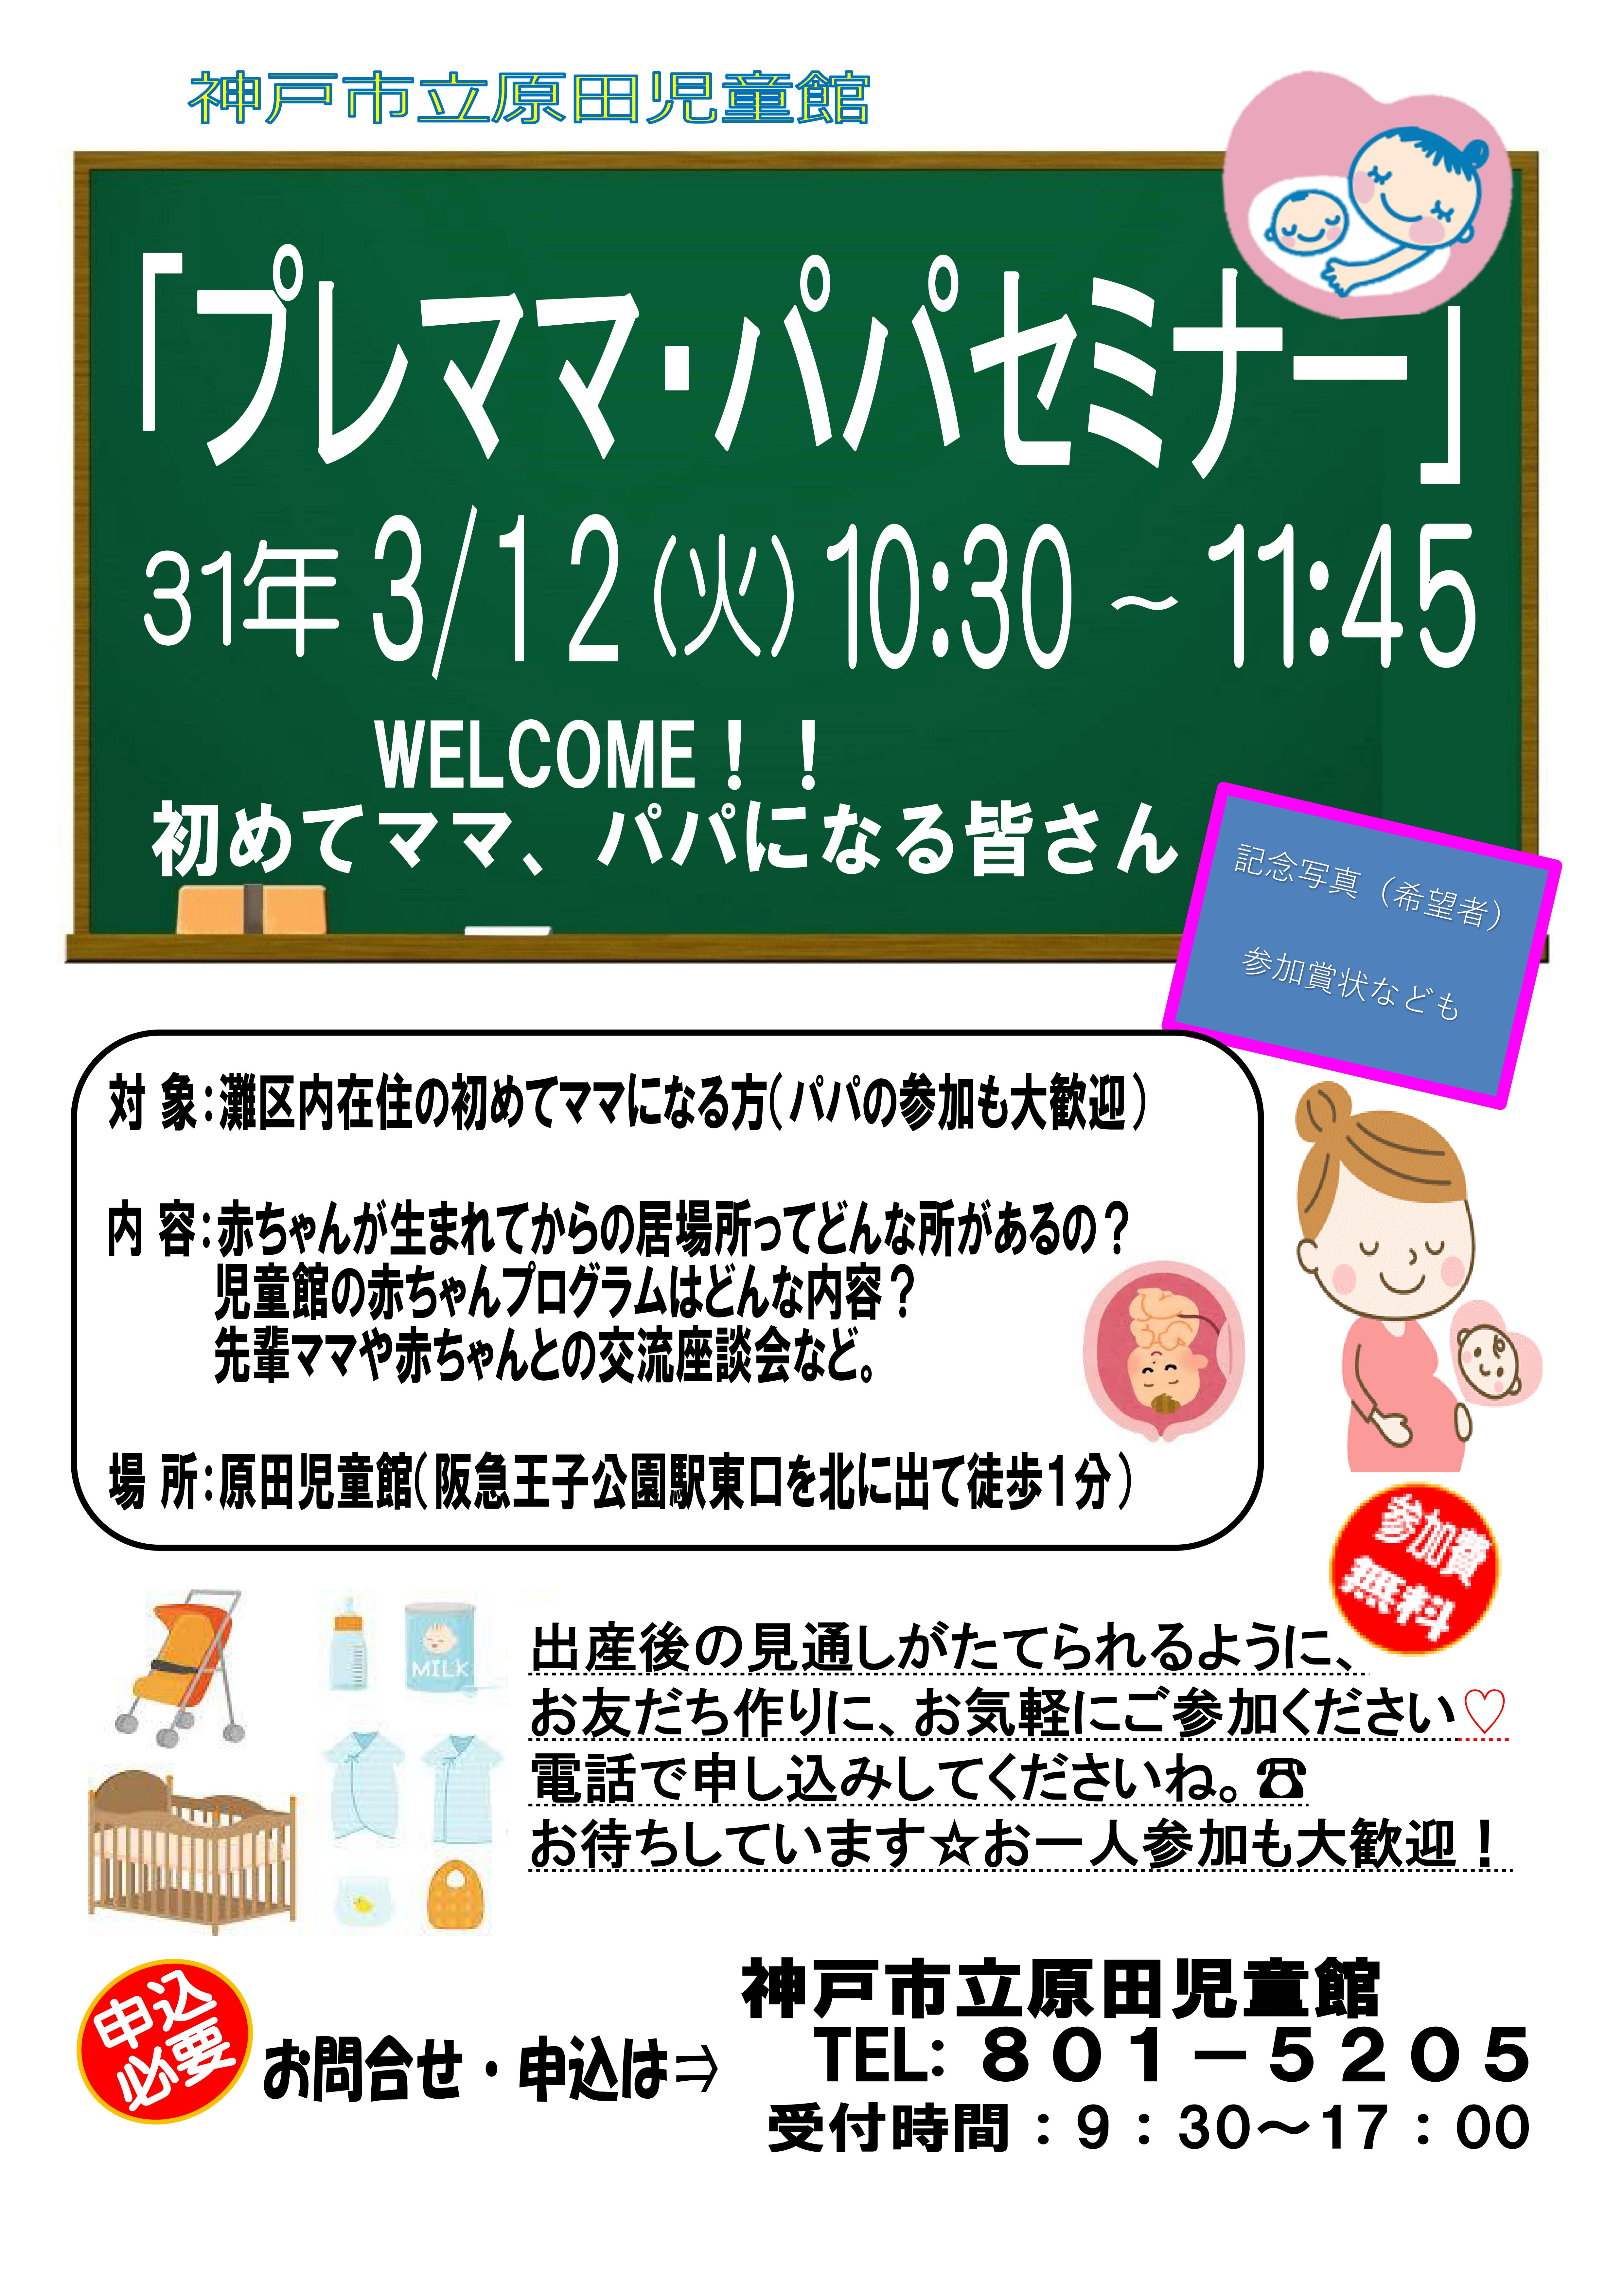 神戸市灘区 原田児童館 『プレママ・パパセミナー』